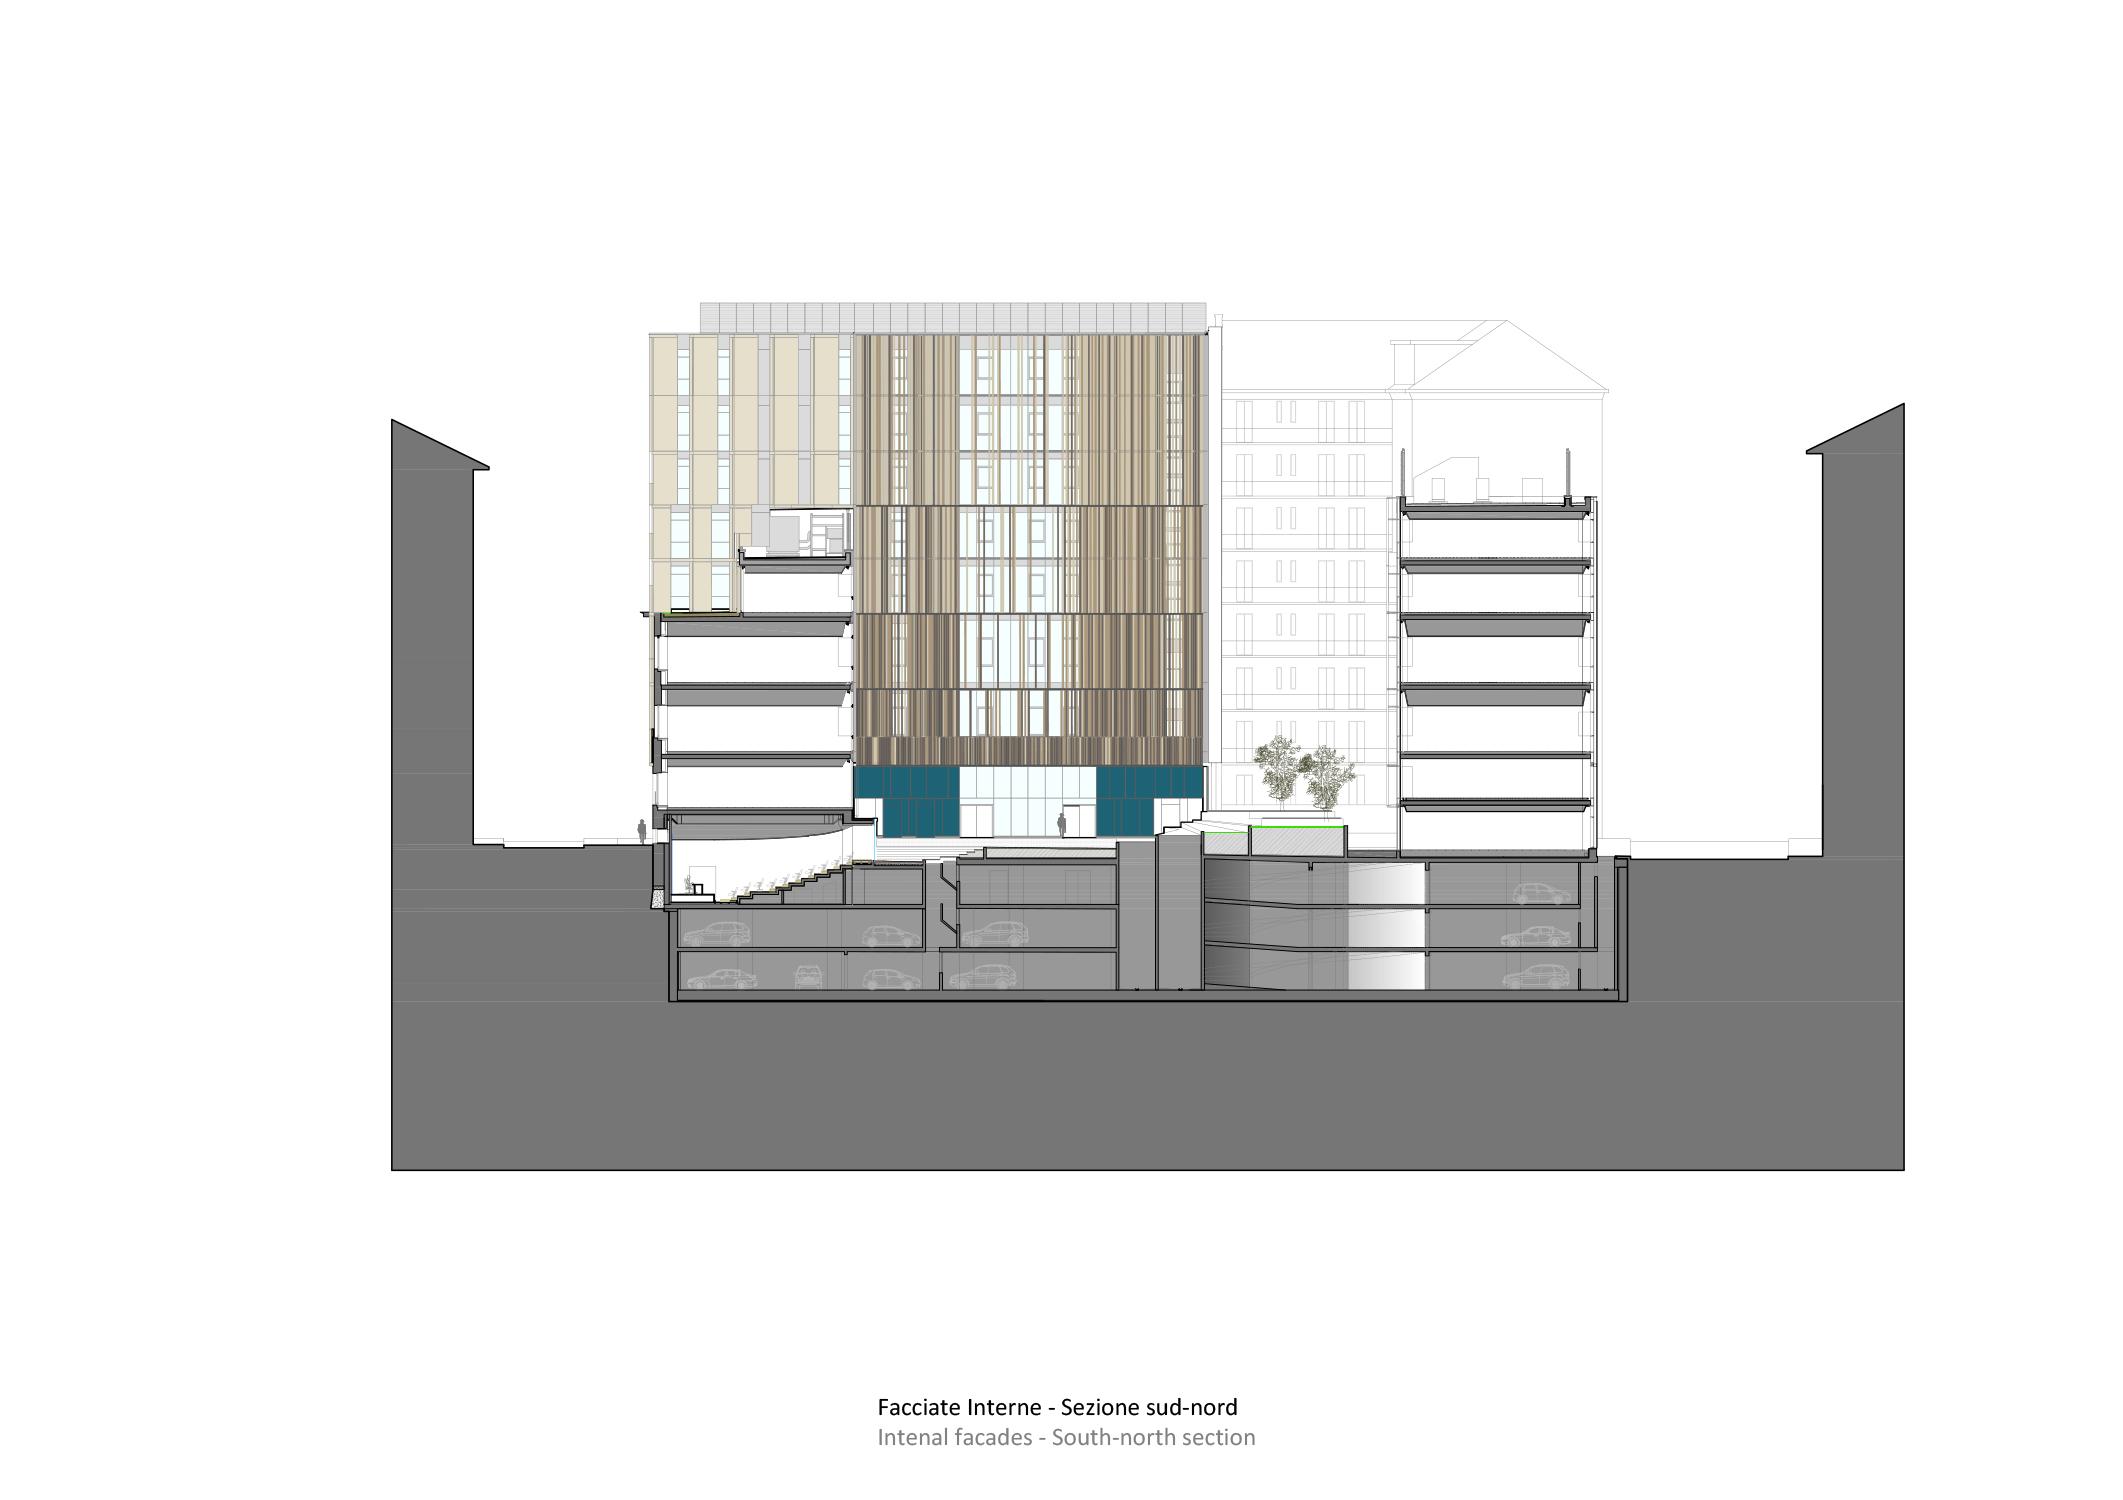 sezione sud-nord Iotti+Pavarani Architetti, Artecna}